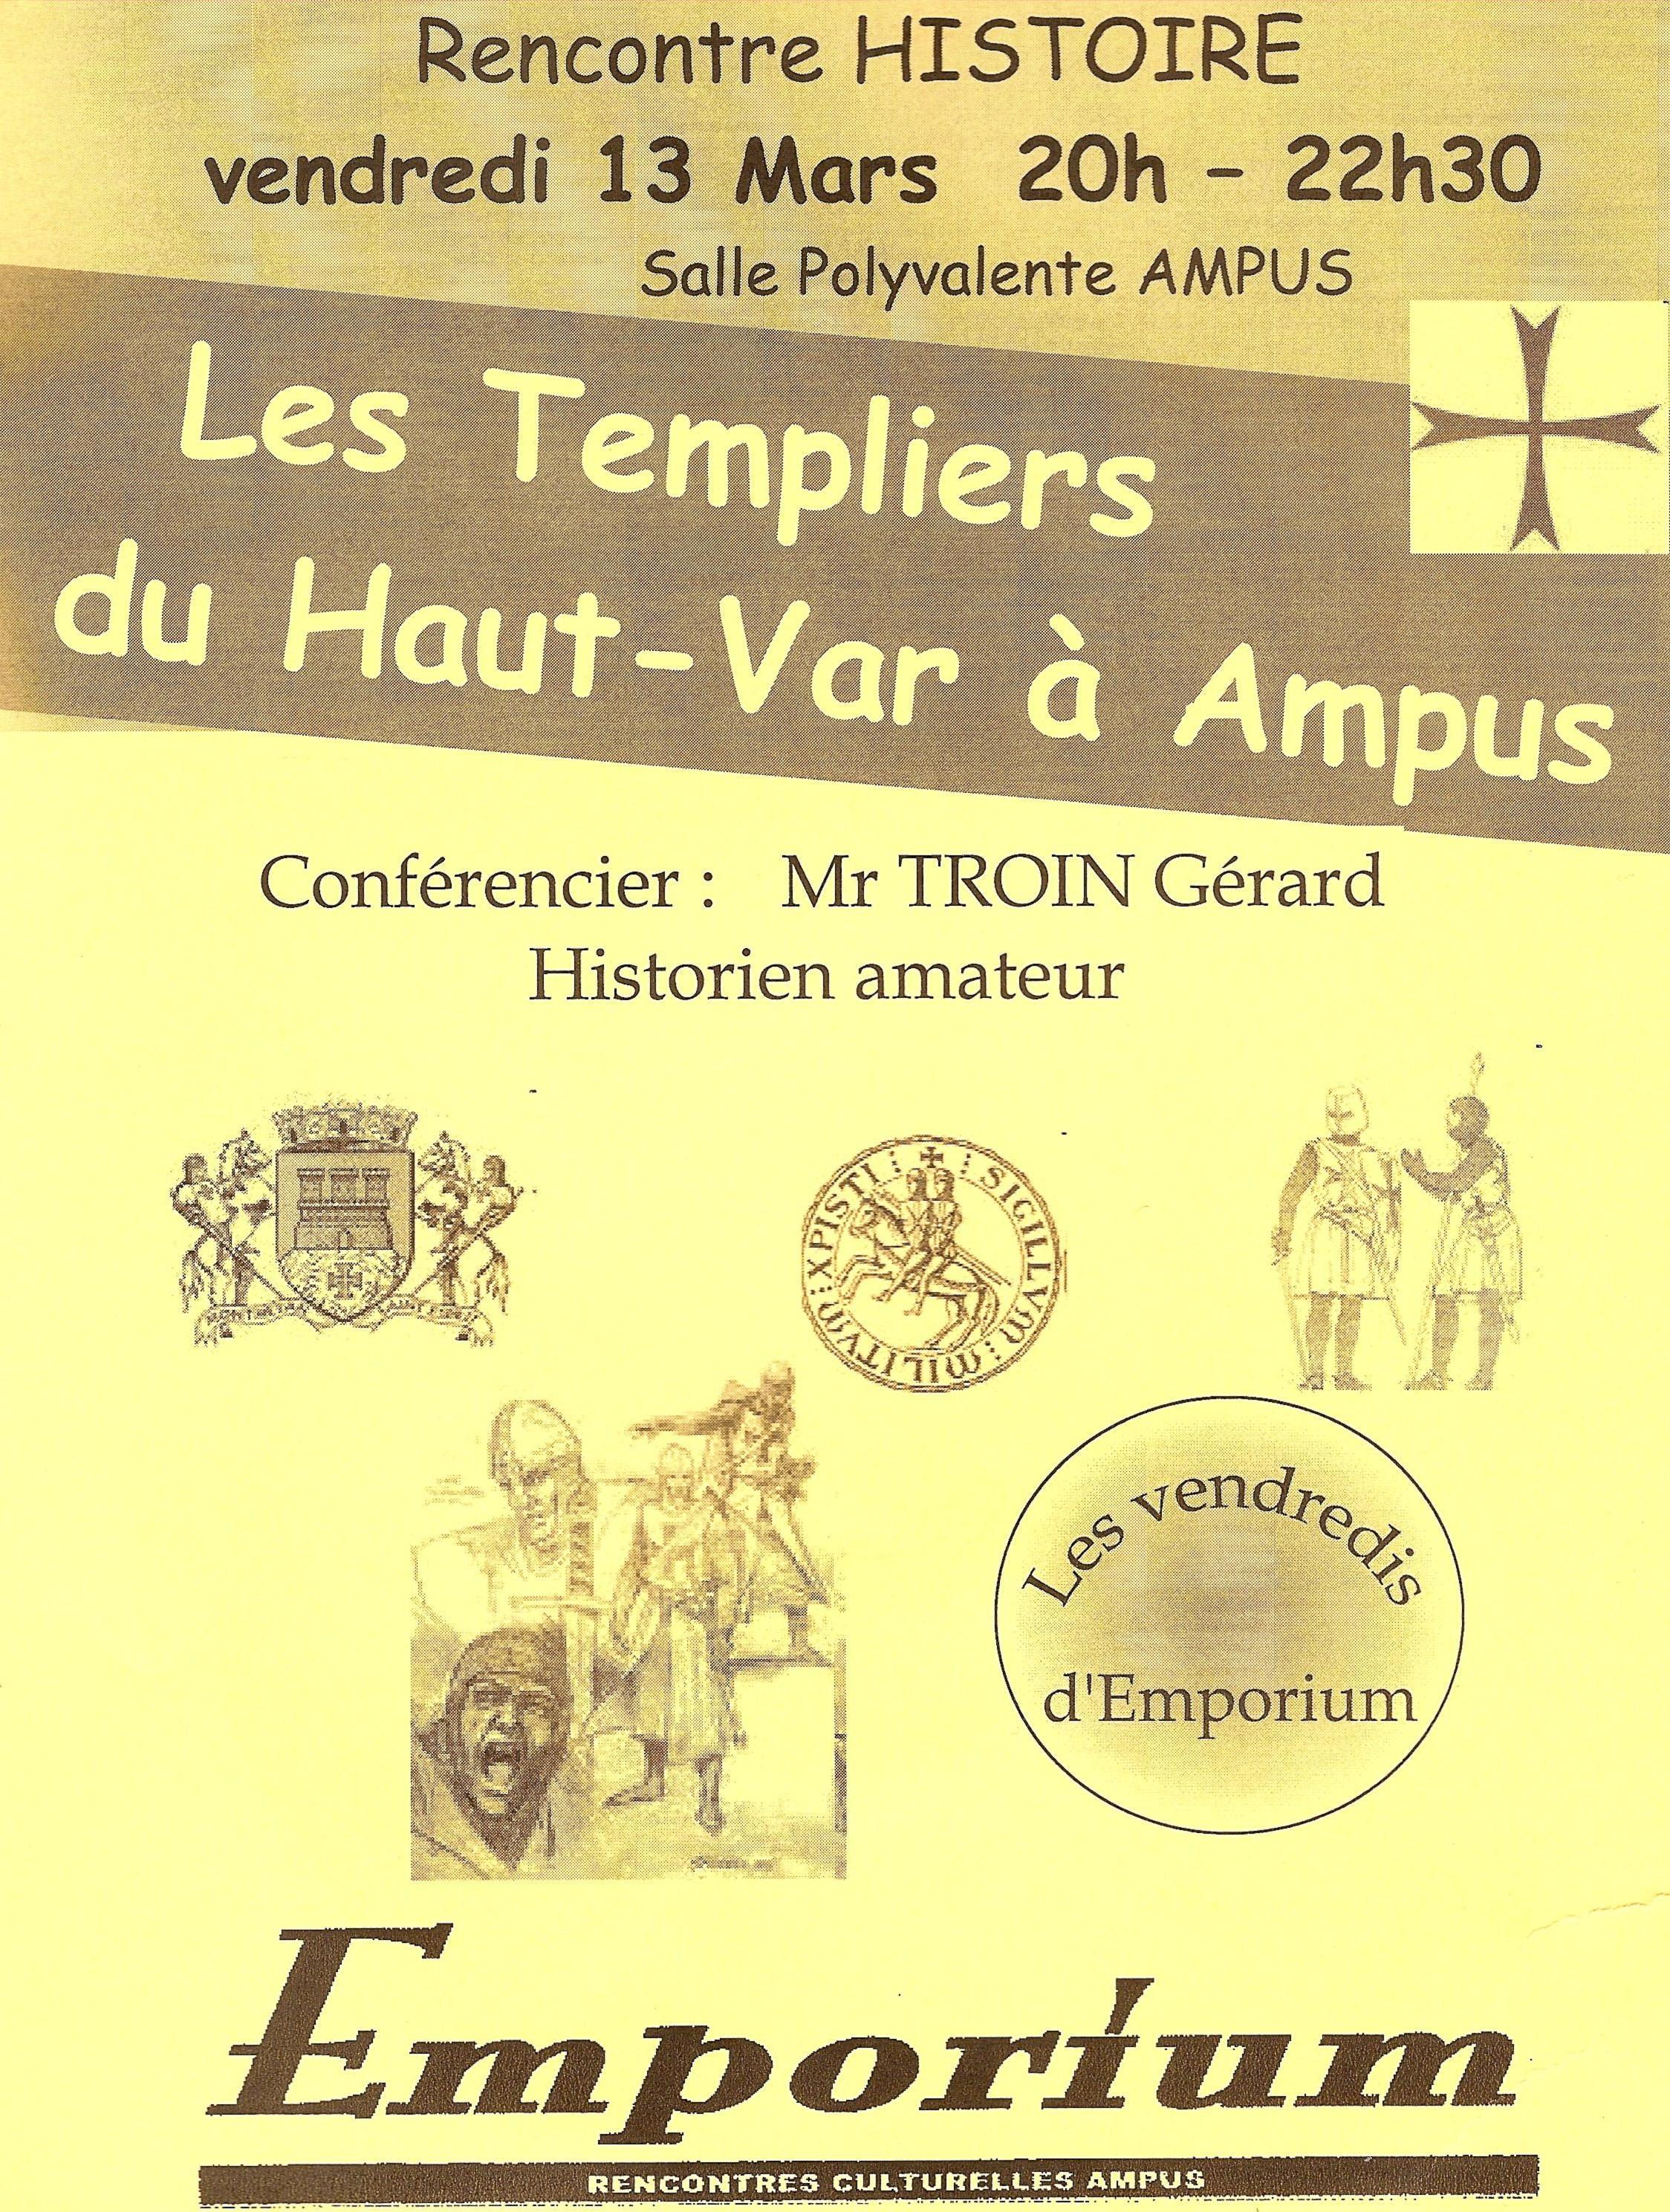 templiers-emporium.1234626216.jpg